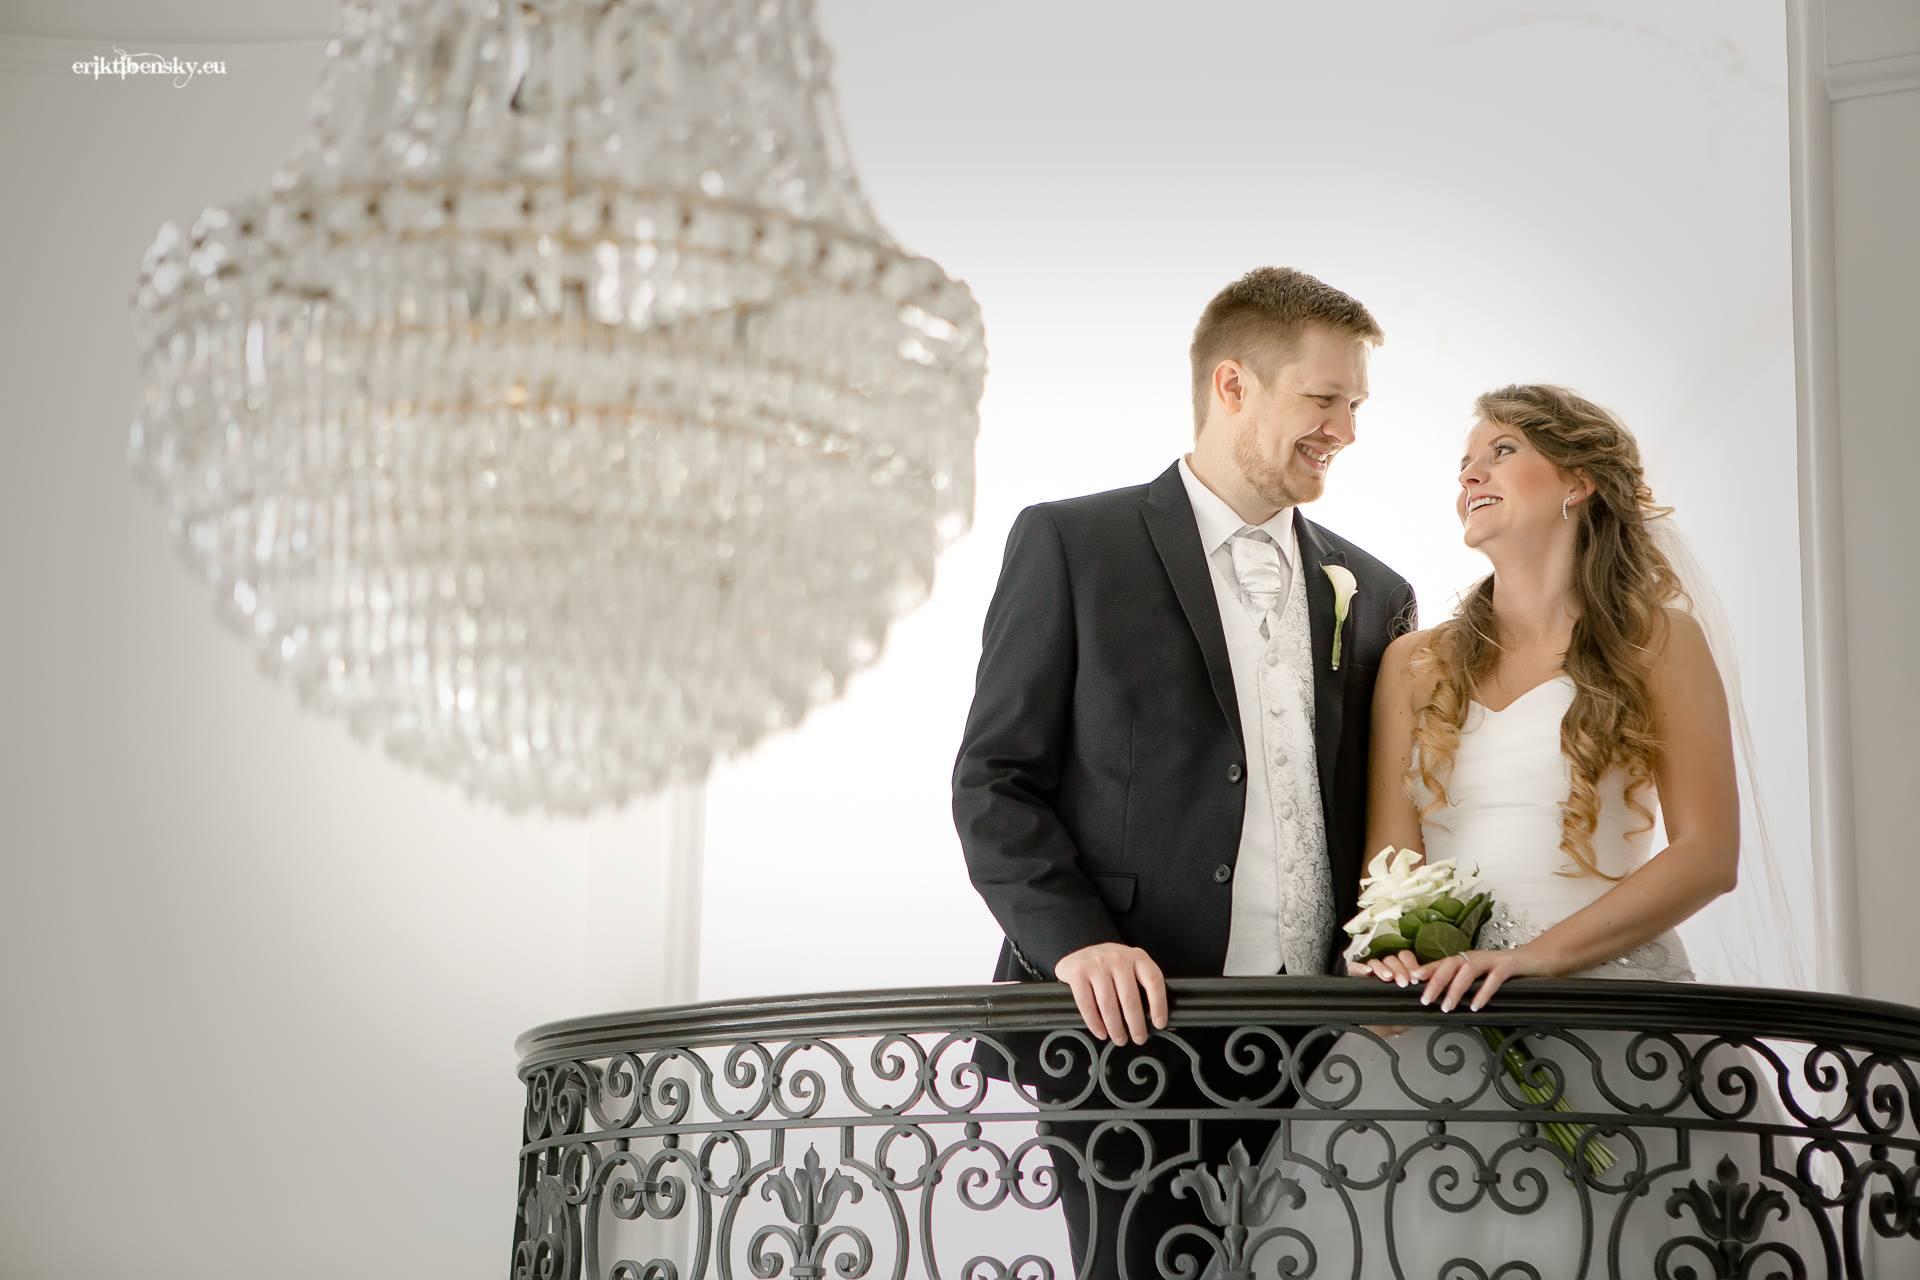 eriktibensky.eu-svadobny-fotograf-wedding-photographer-budmerice-ivana-matej-1001